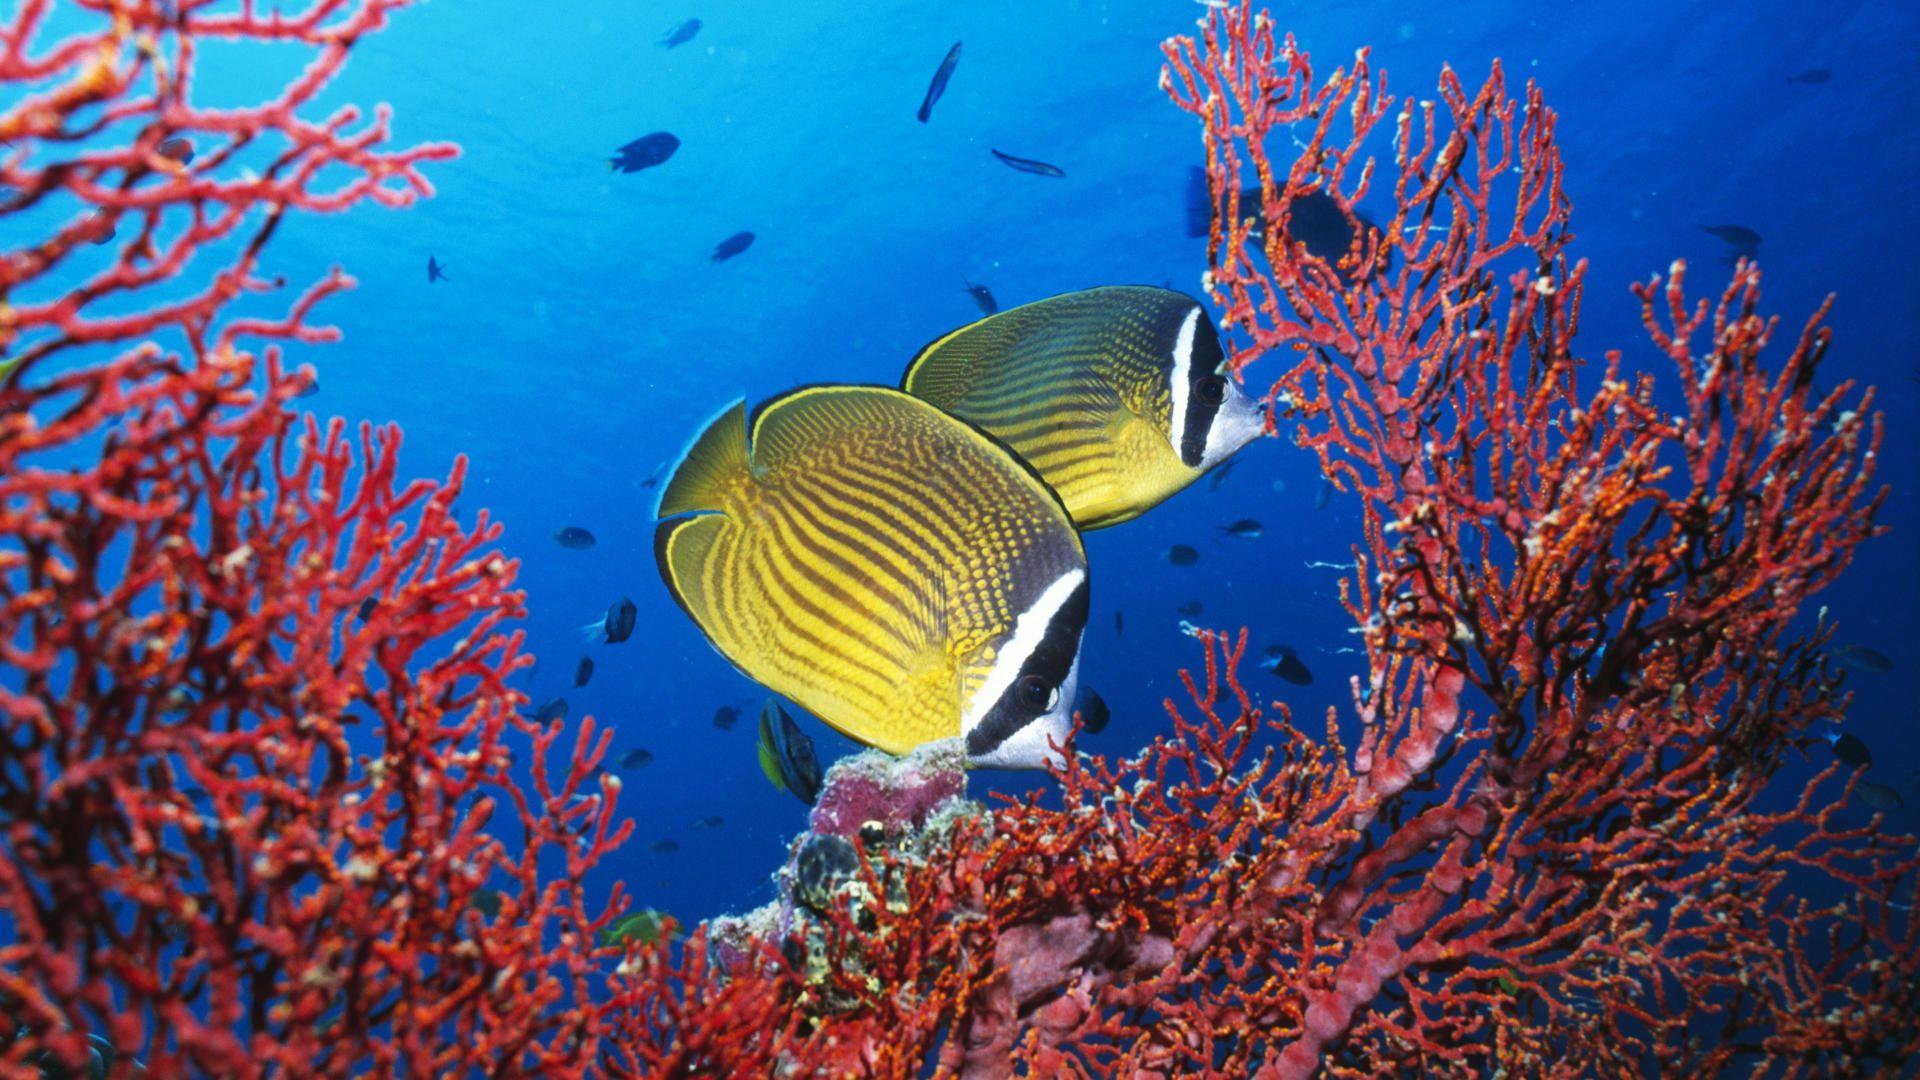 Les Photos Corail - Les 231 belles images de animaux